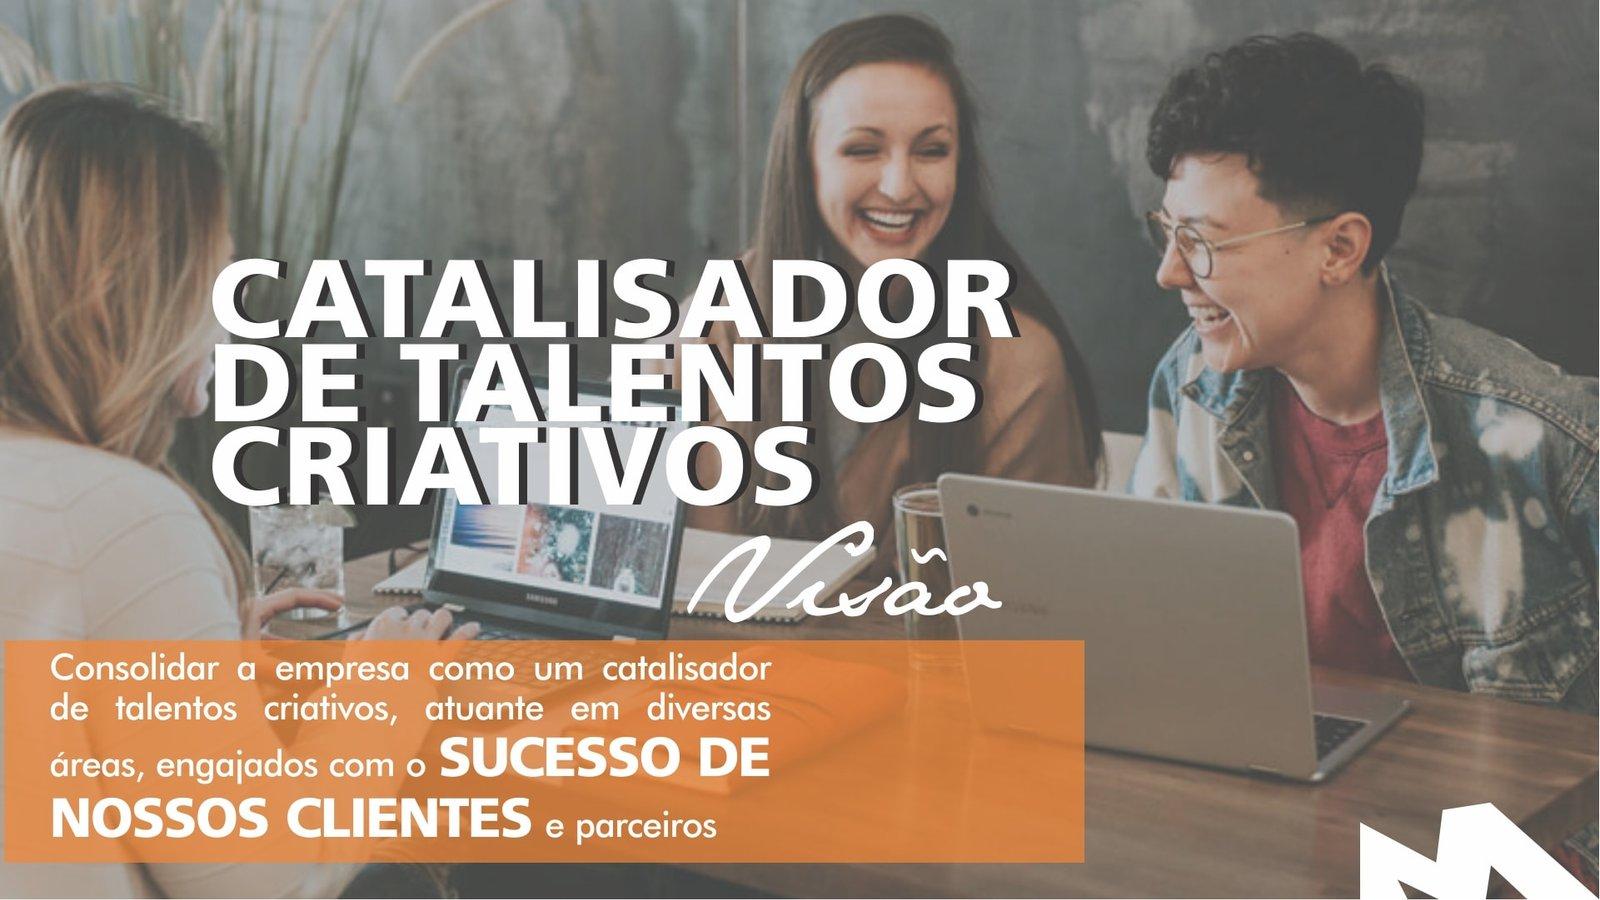 MLMS Valores - Catalisador de Talentos